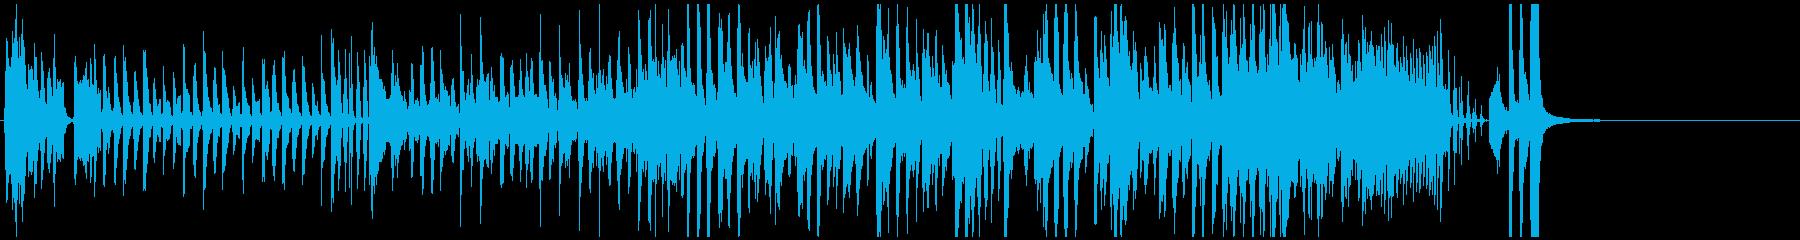 1分!ジャズ系ハロウィンver.2 の再生済みの波形